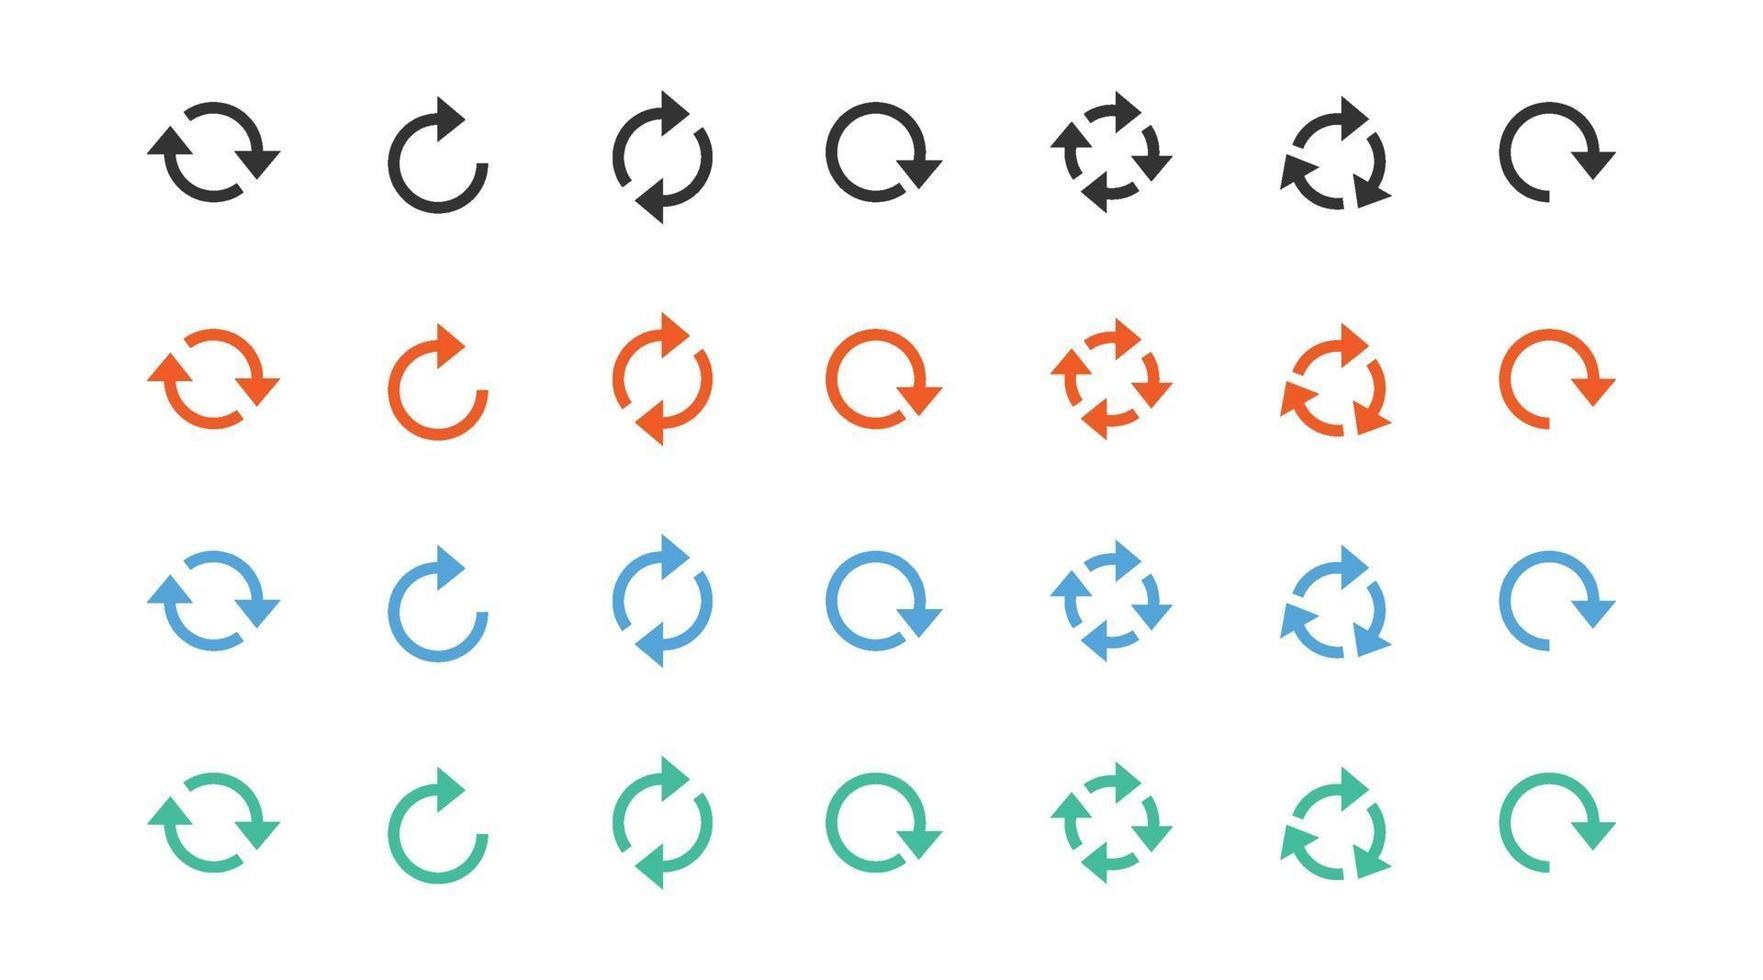 uppsättning av olika pil tecken ikon vektor